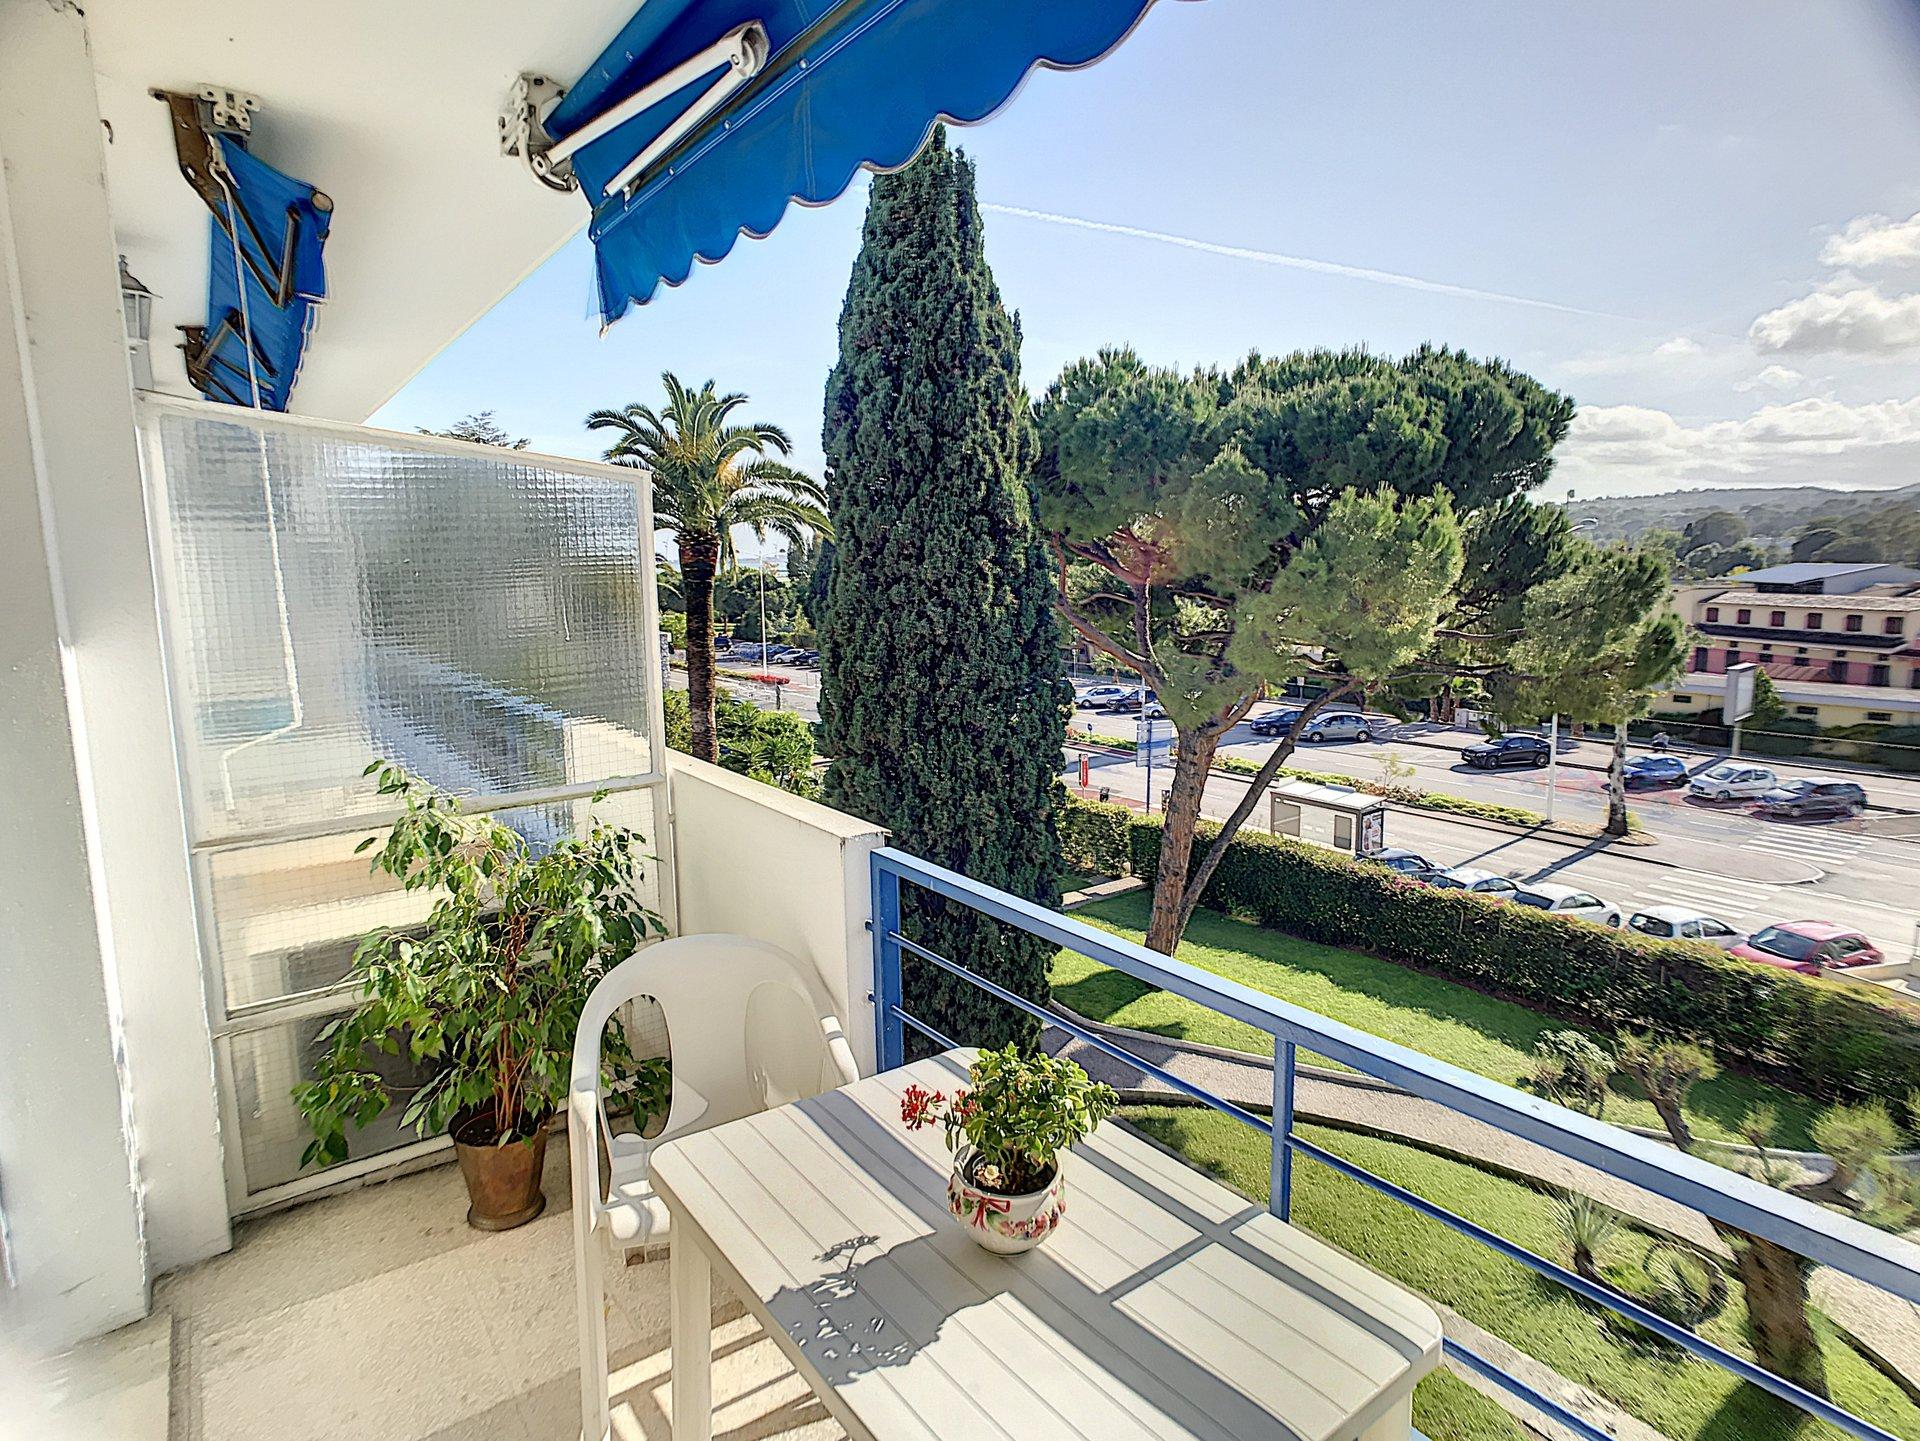 VENTE Appartement 2P CAGNES-SUR-MER Hippodrome Balcon Vue Dégagée